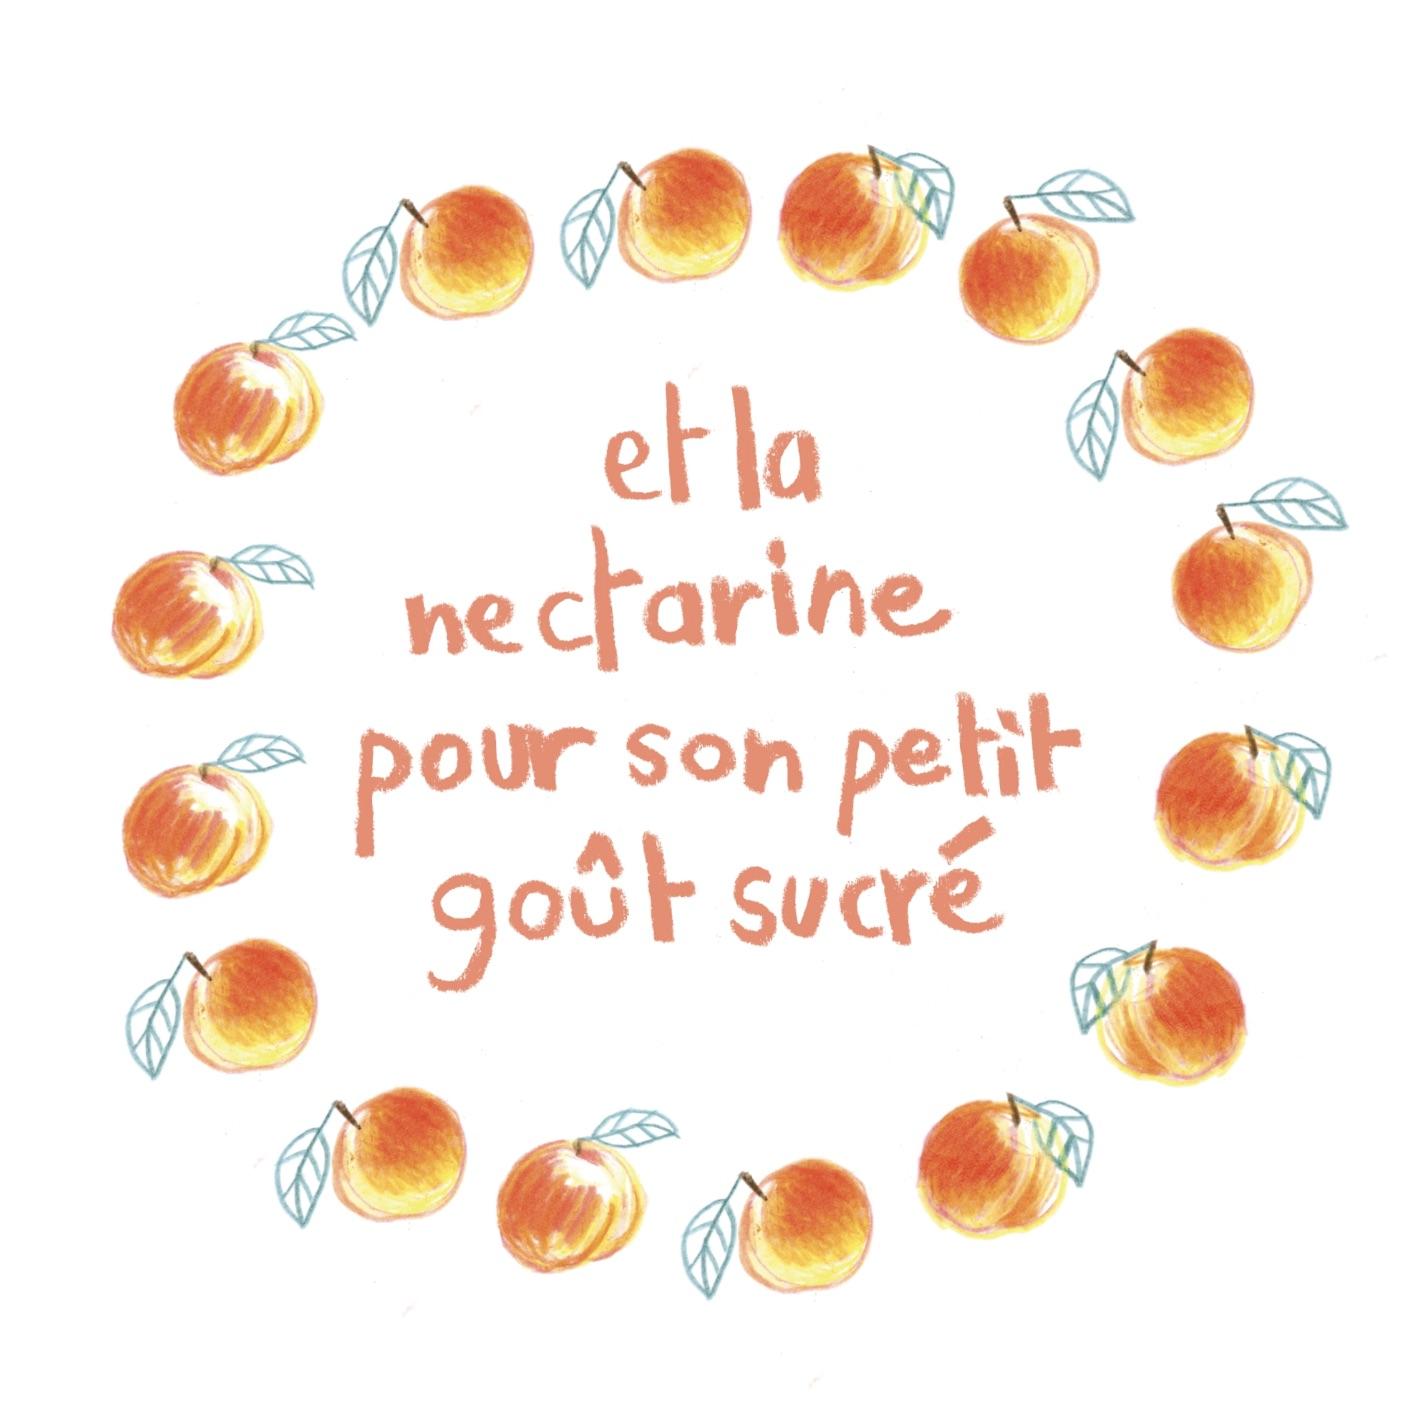 Thé glacé parfum nectarine verveine – 3L